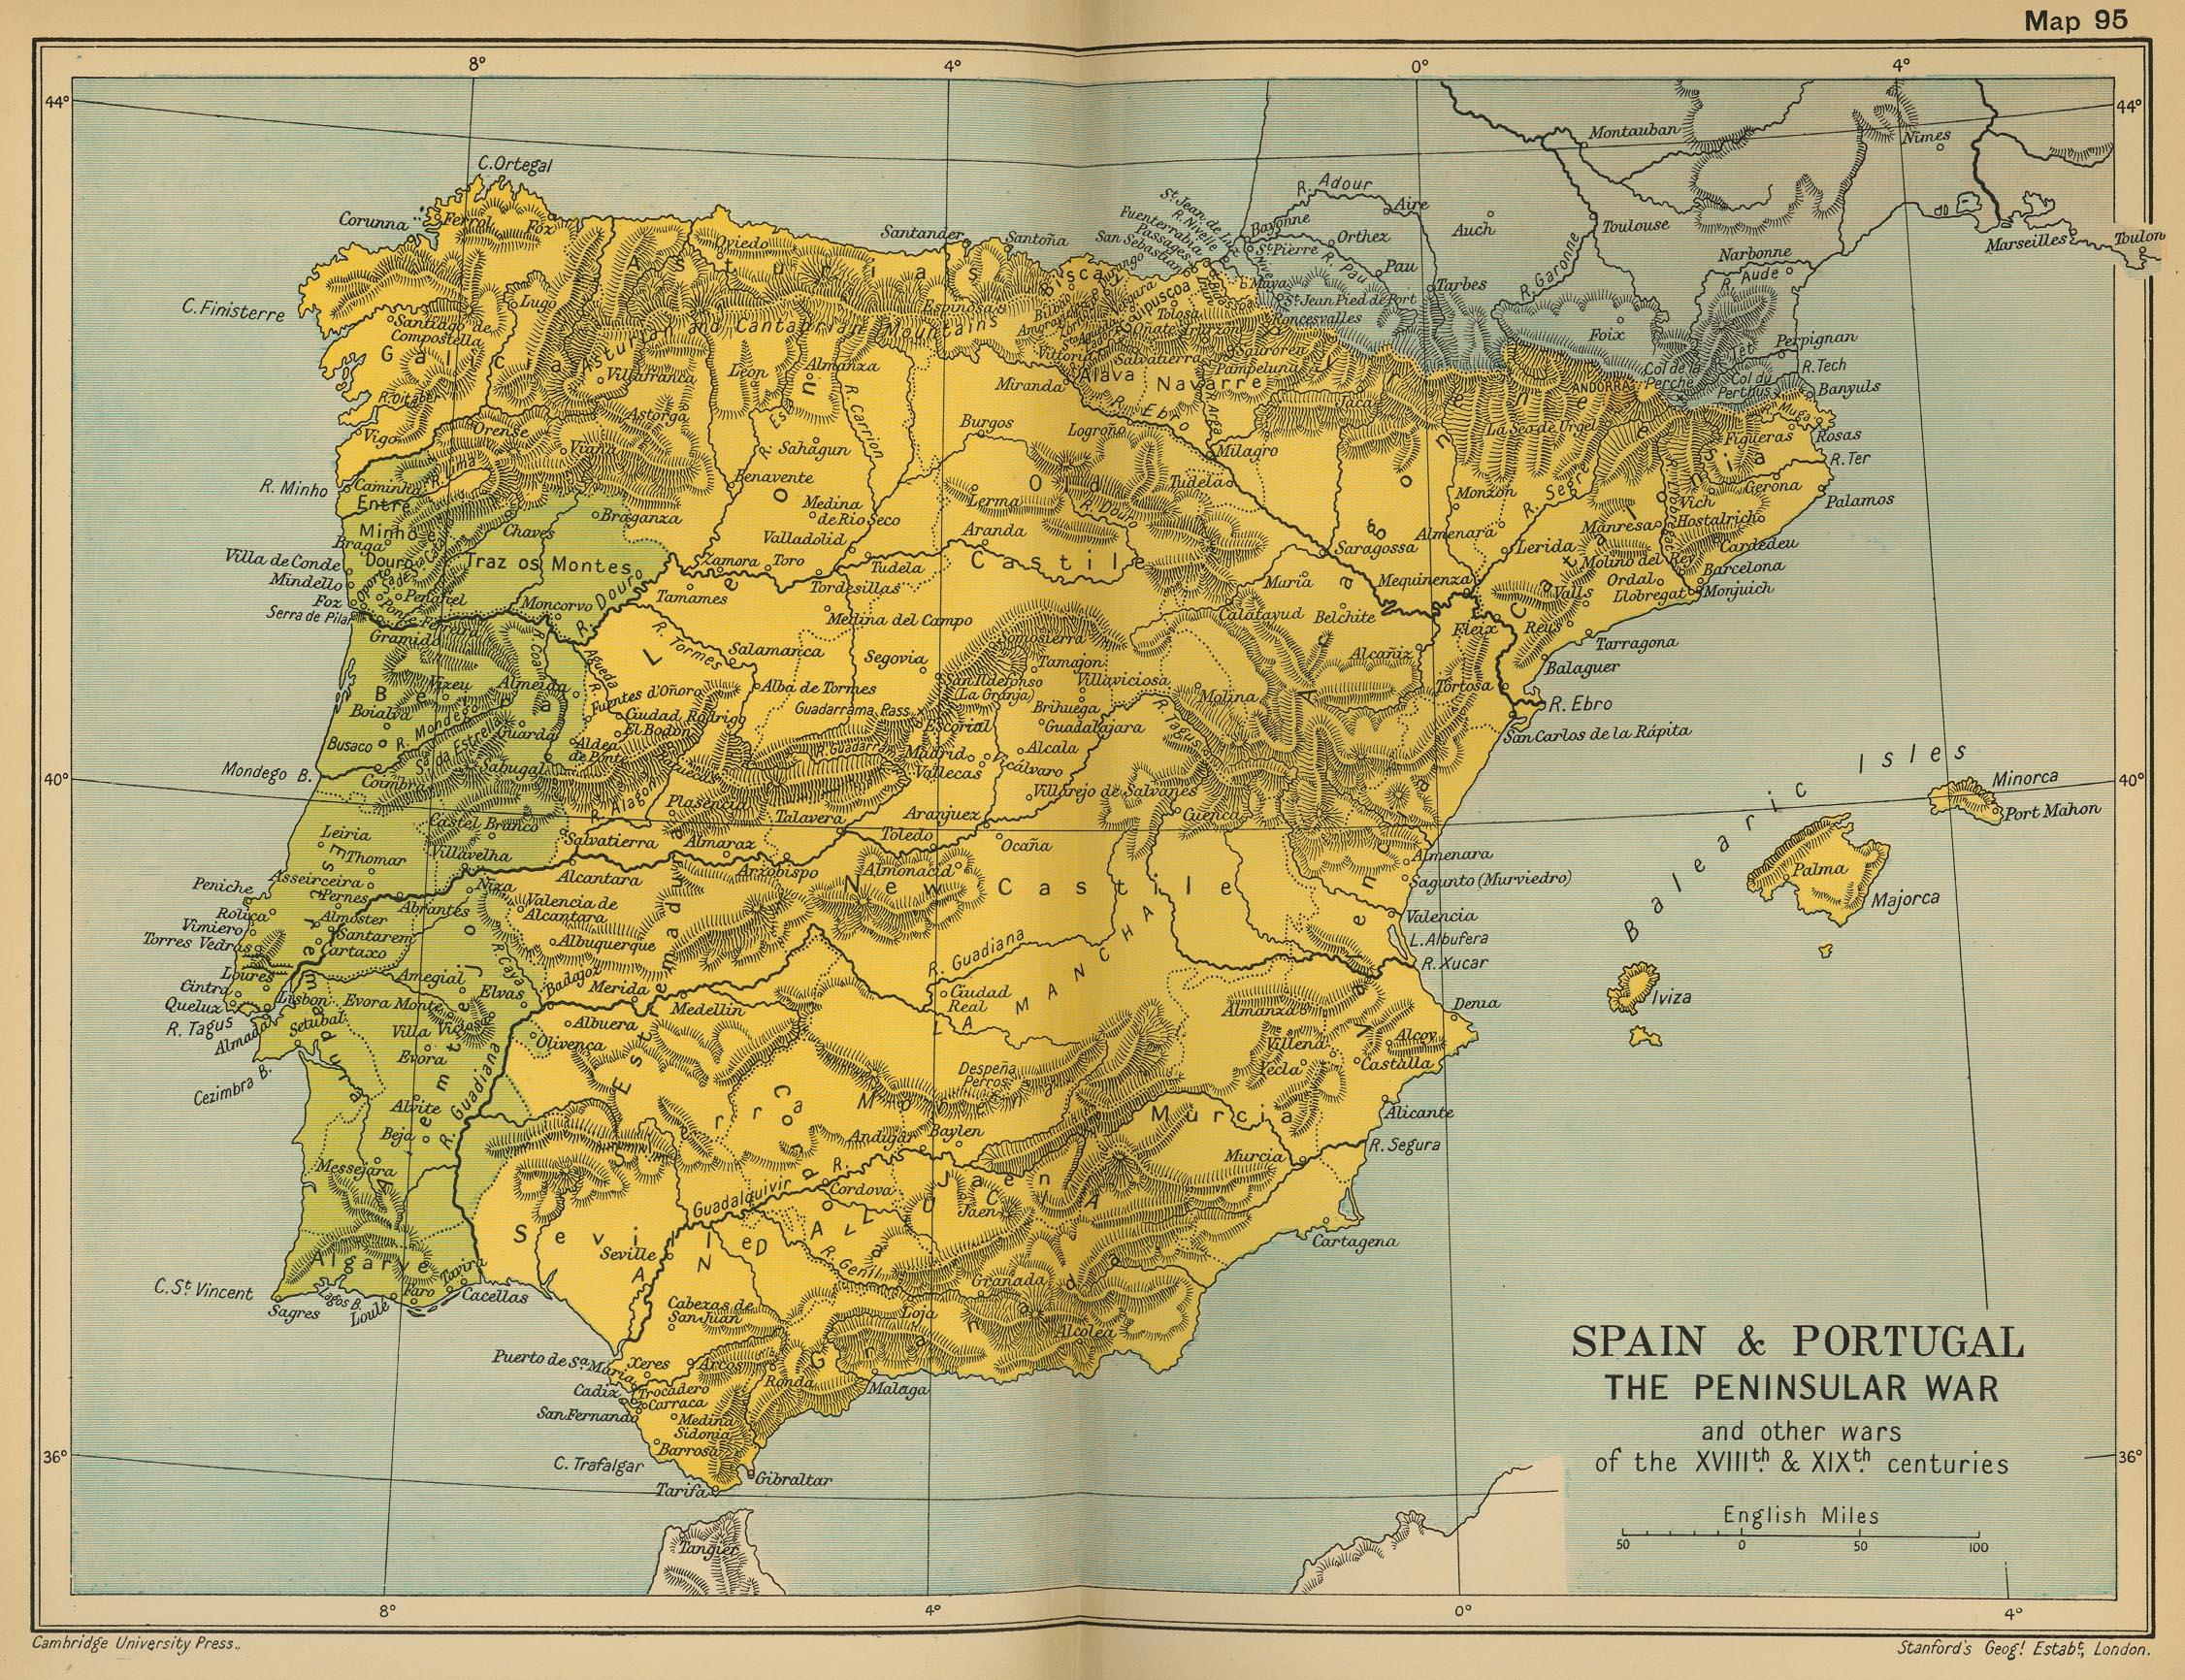 La Guerra de la Independencia o Guerra Peninsular España y Portugal 1808–1814